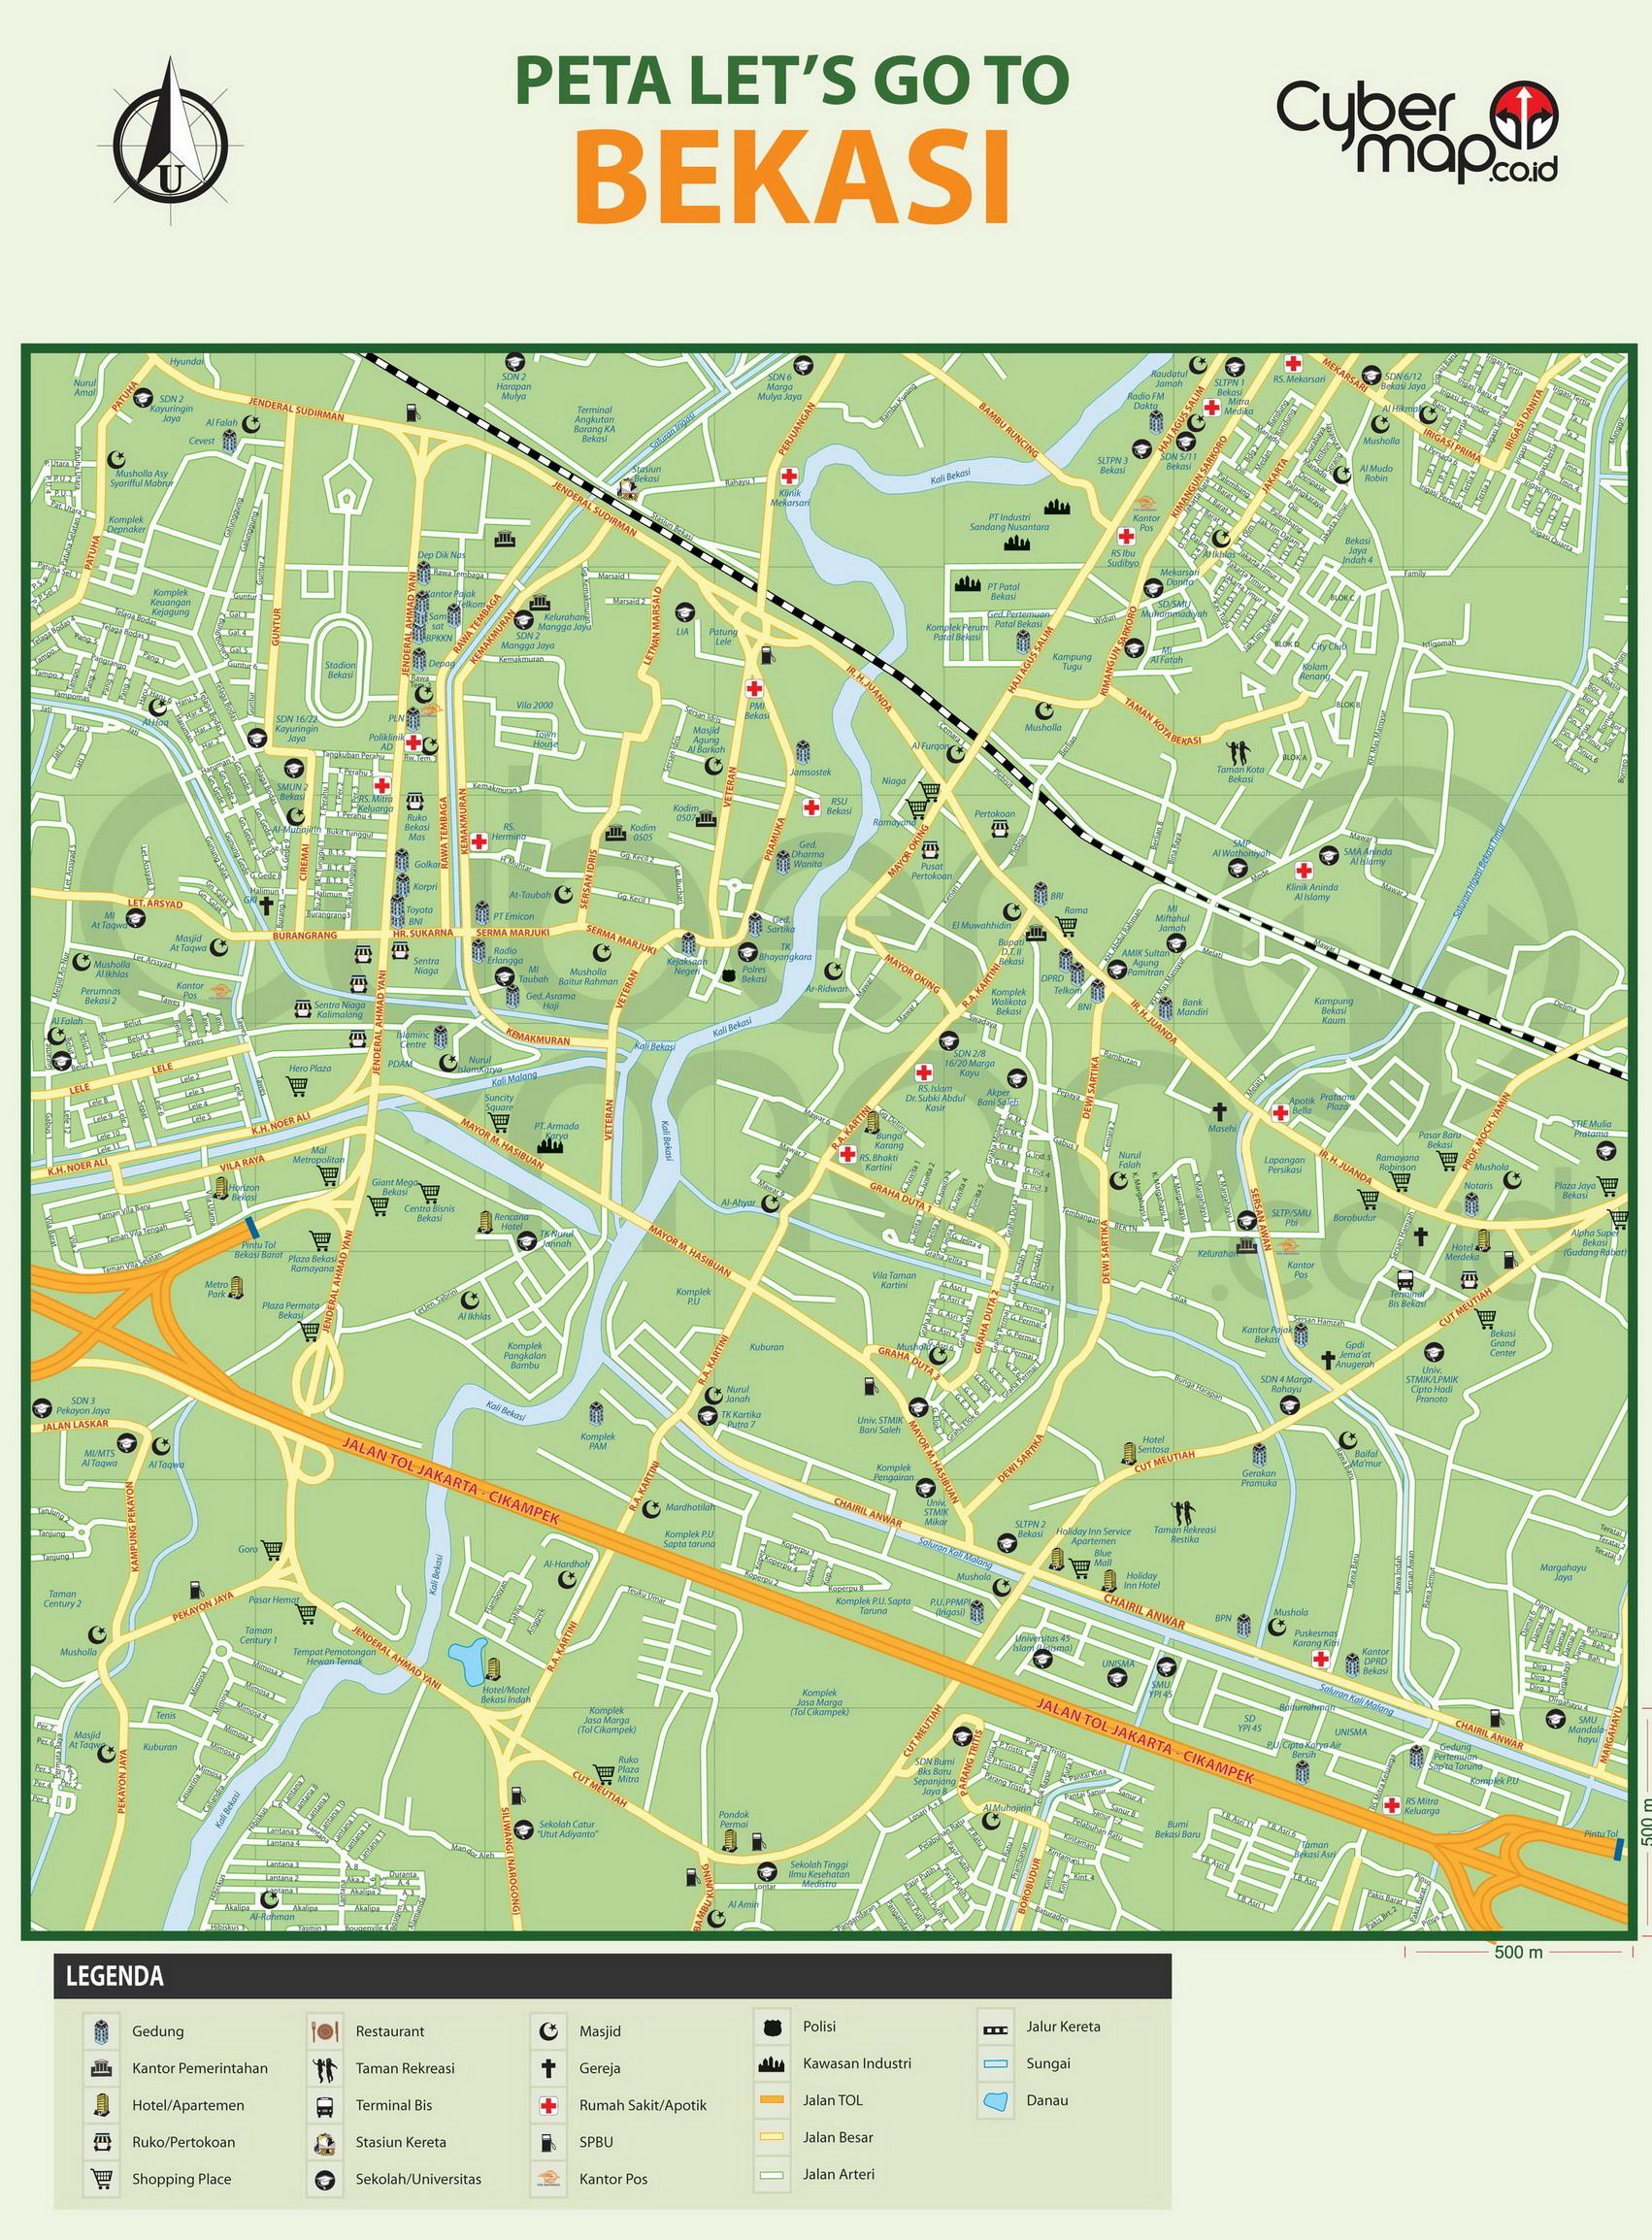 Peta Kota Peta Kota Bekasi